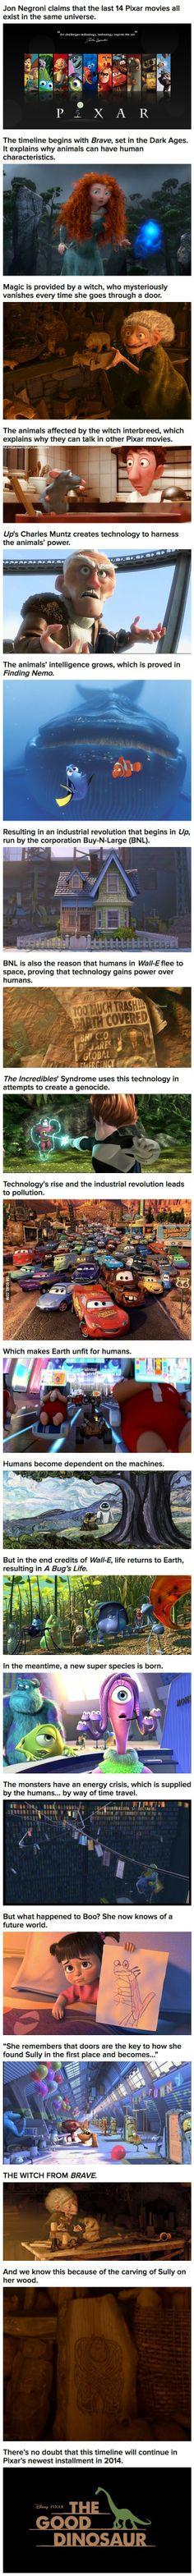 :O que vaina tan interesante. Si es real: tremendos narradores los de Pixar, si no lo es: Tremenda observación, e imaginación, del que lo hizo... Last 14 Pixar Movies All Exist In The Same Universe